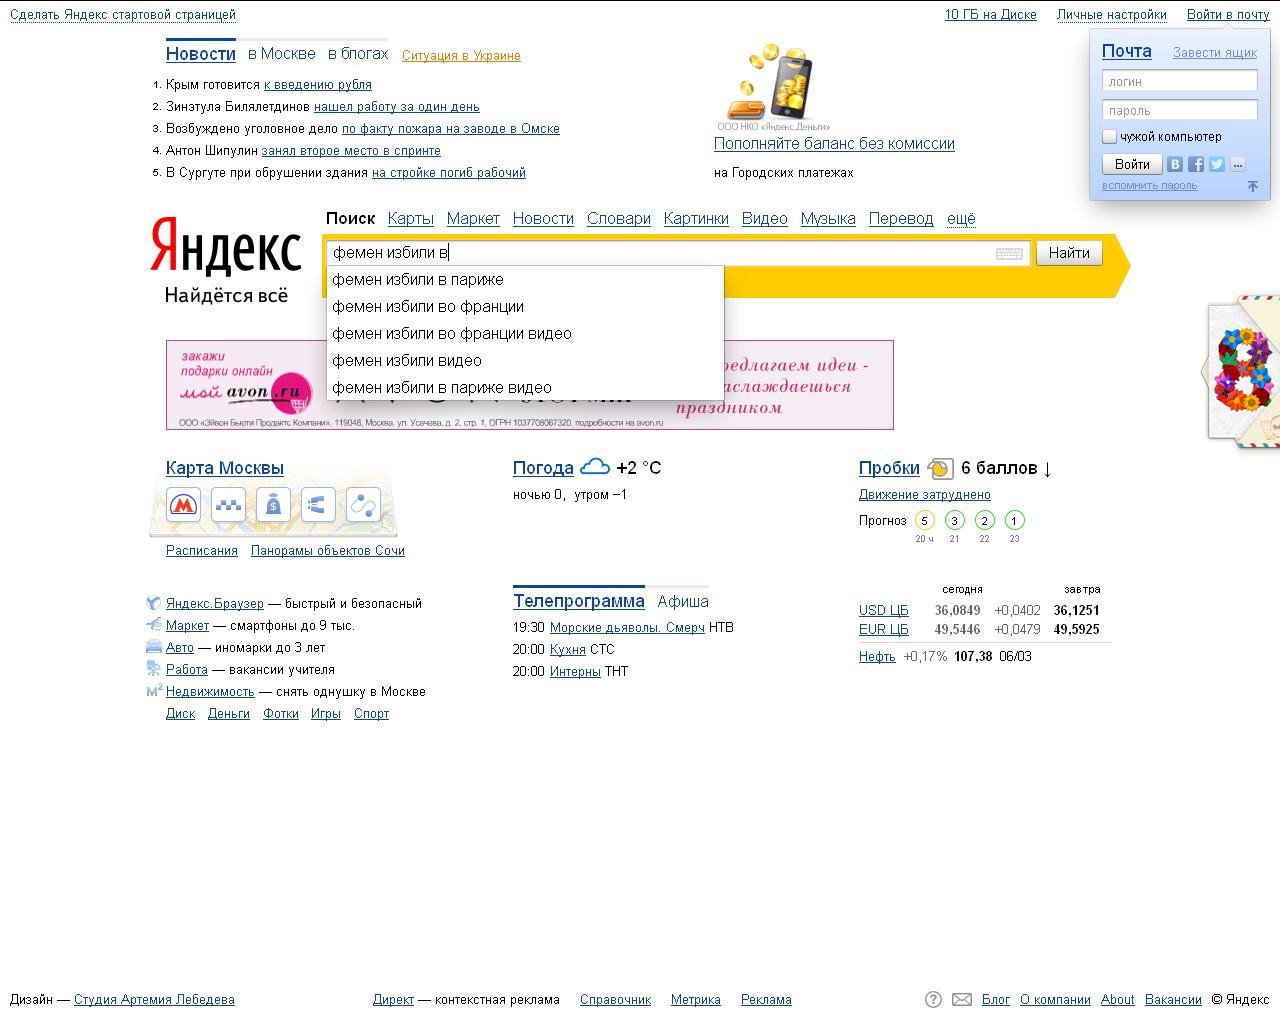 Яндекс главная страница: Подробный 8